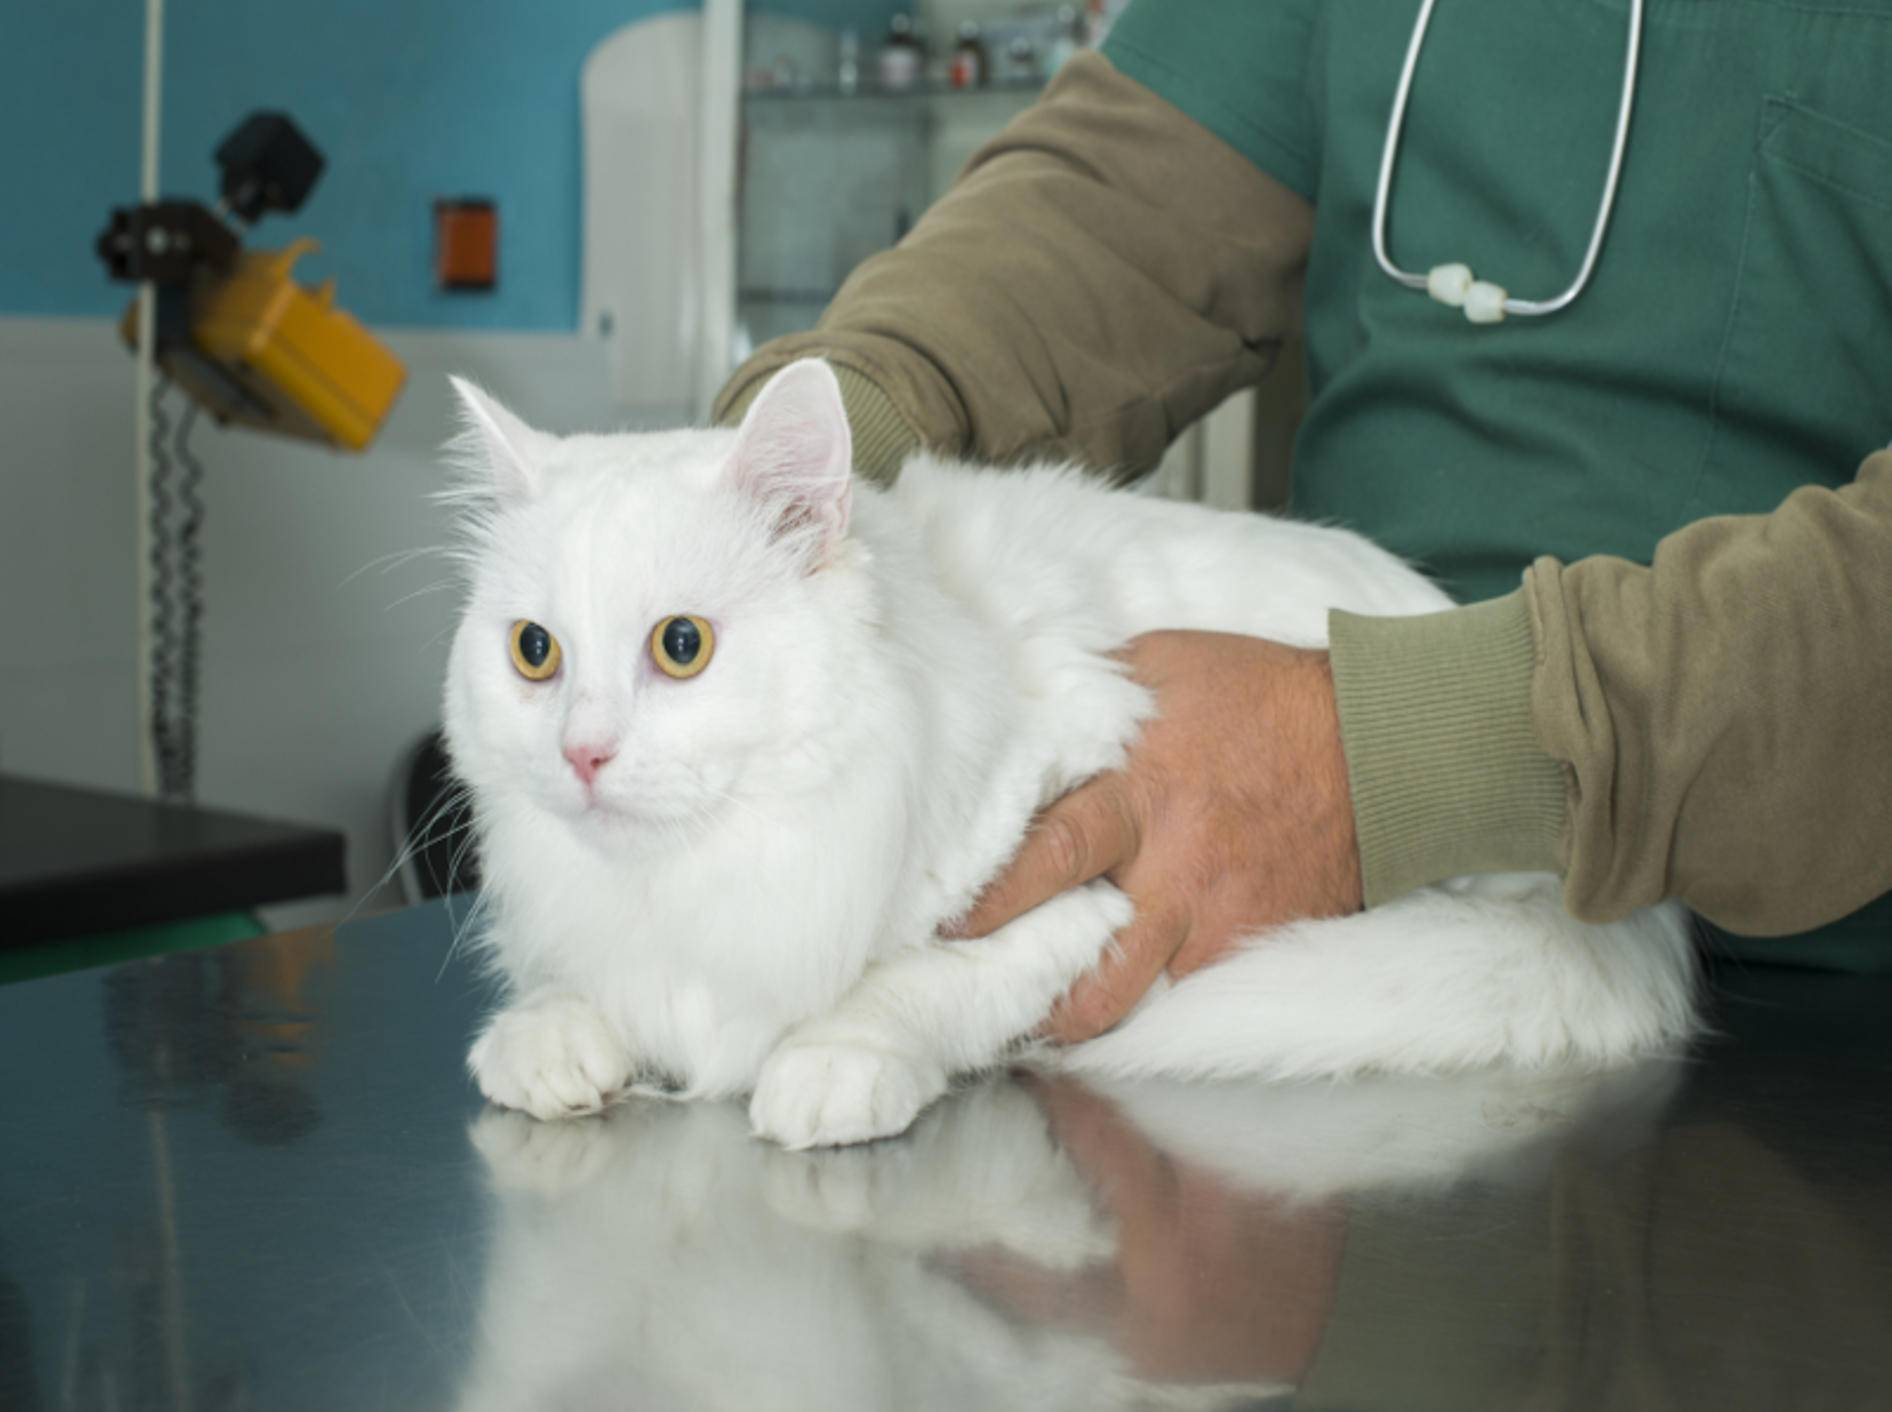 Manchmal kann nur eine Röntgen-Untersuchung zeigen, was der Katze fehlt – Shutterstock / Deyan Georgiev